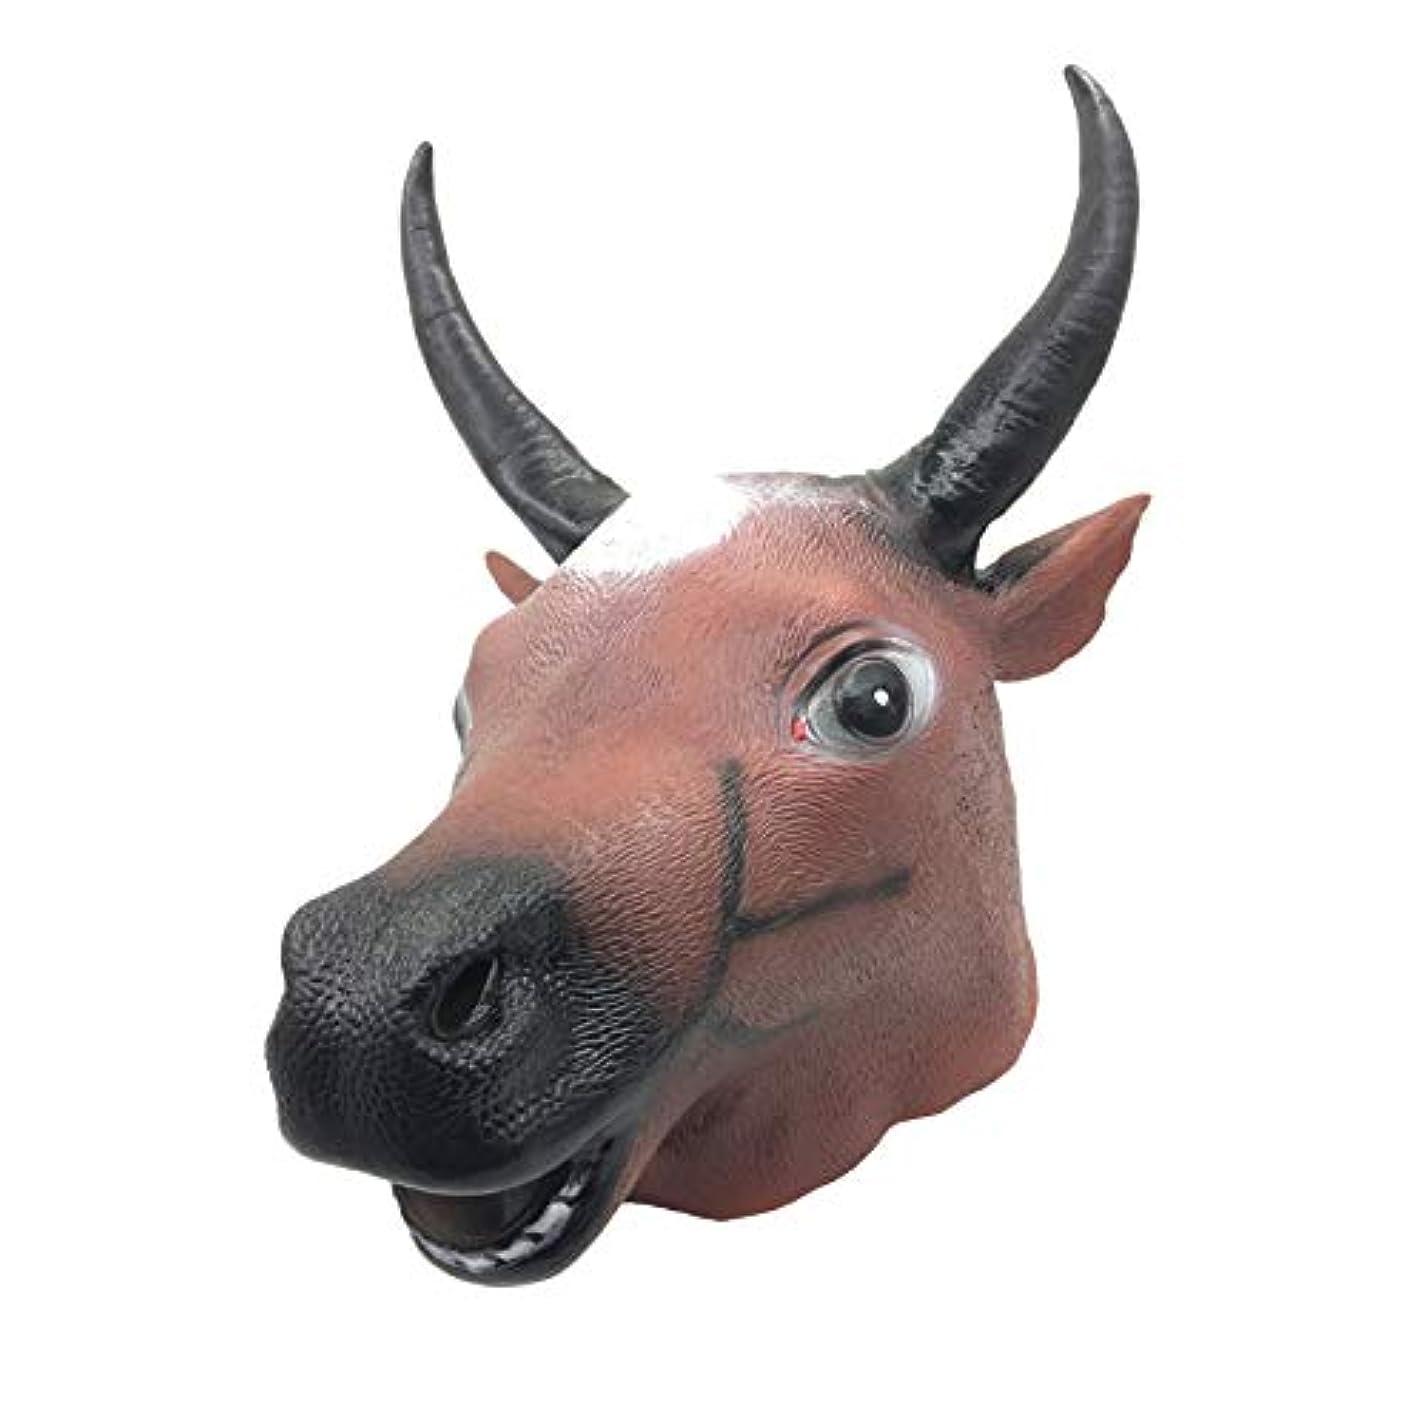 真実にトリクル世界に死んだハロウィーンパフォーマンスショー小道具マスク動物ヘッドカバー牛頭馬顔牛頭マスク馬頭マスク